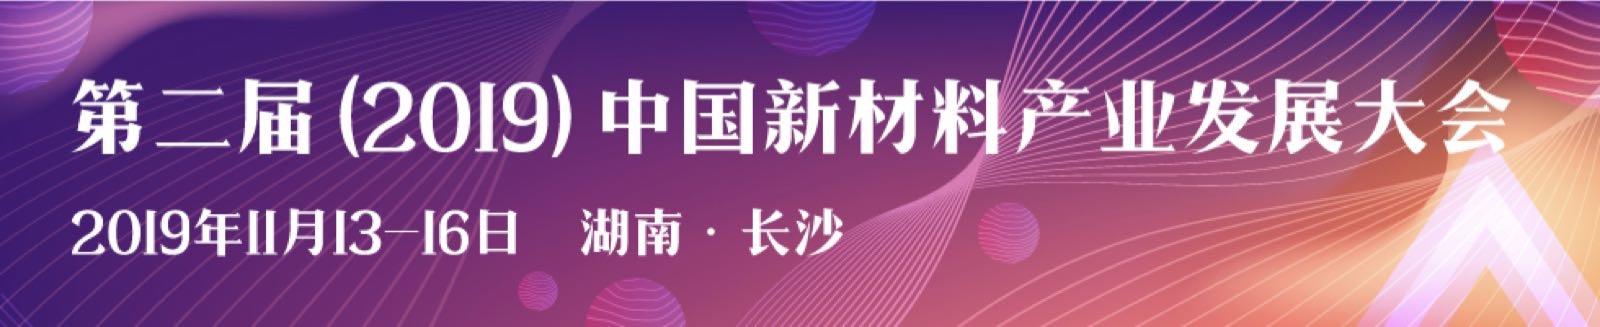 第二届(2019)中国新材料产业发展大会